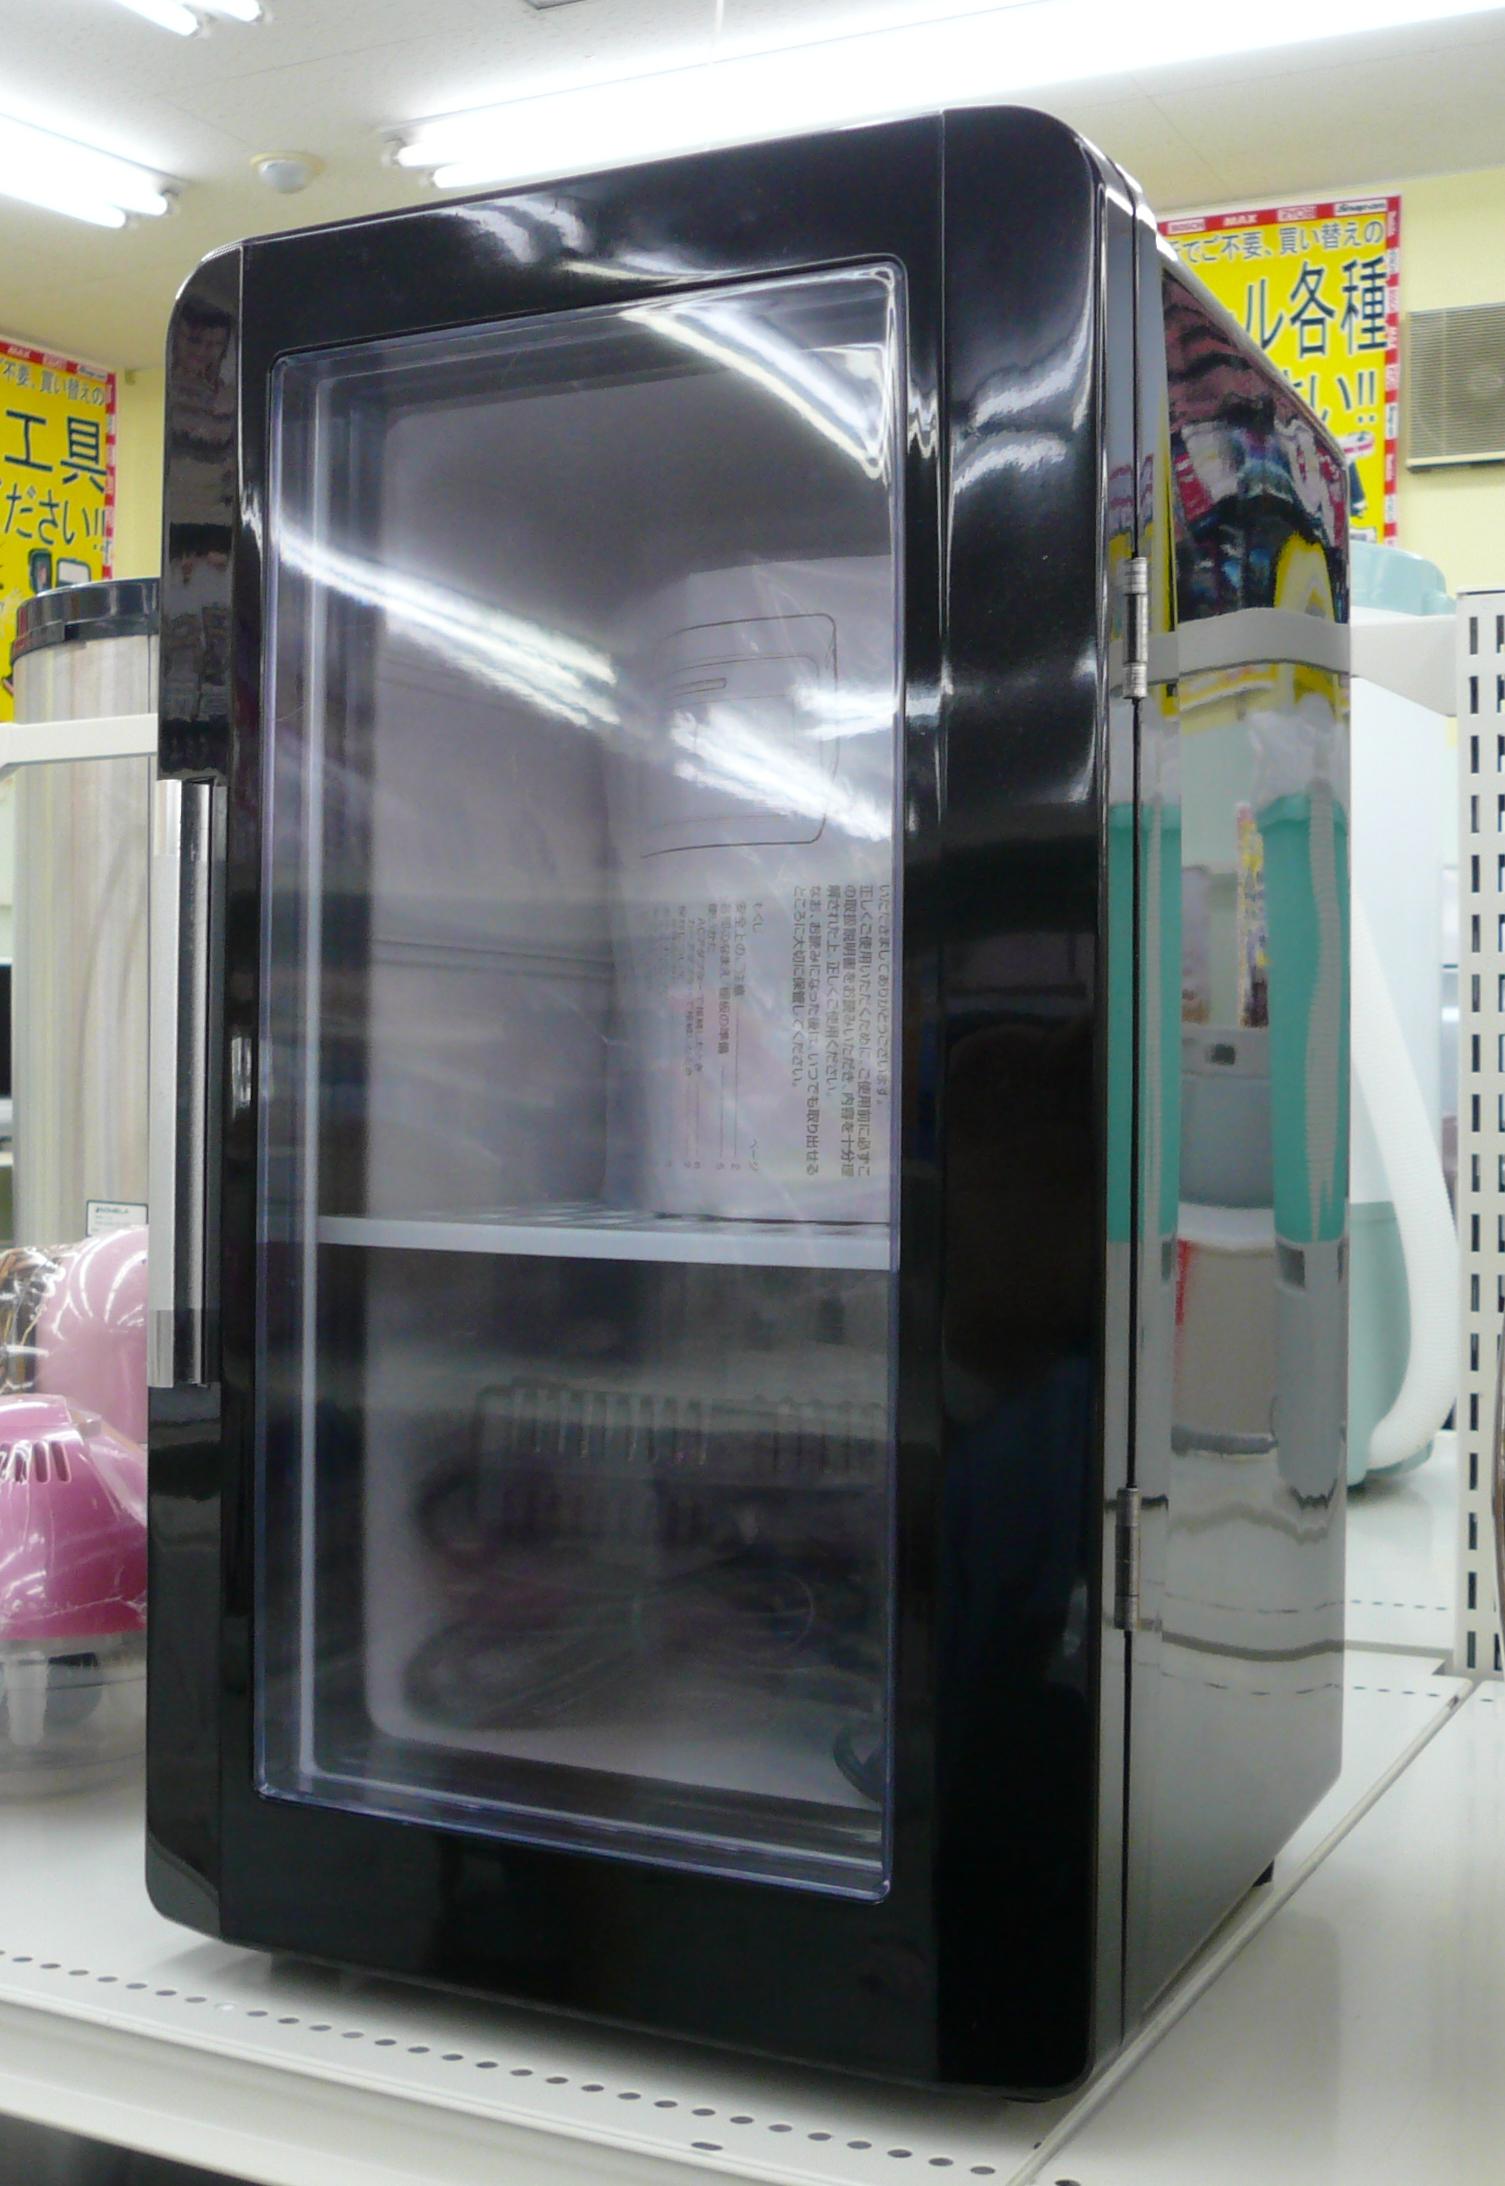 冷温庫 を売るなら 総合リサイクルショップフライズ佐賀店 佐賀市 買取り情報